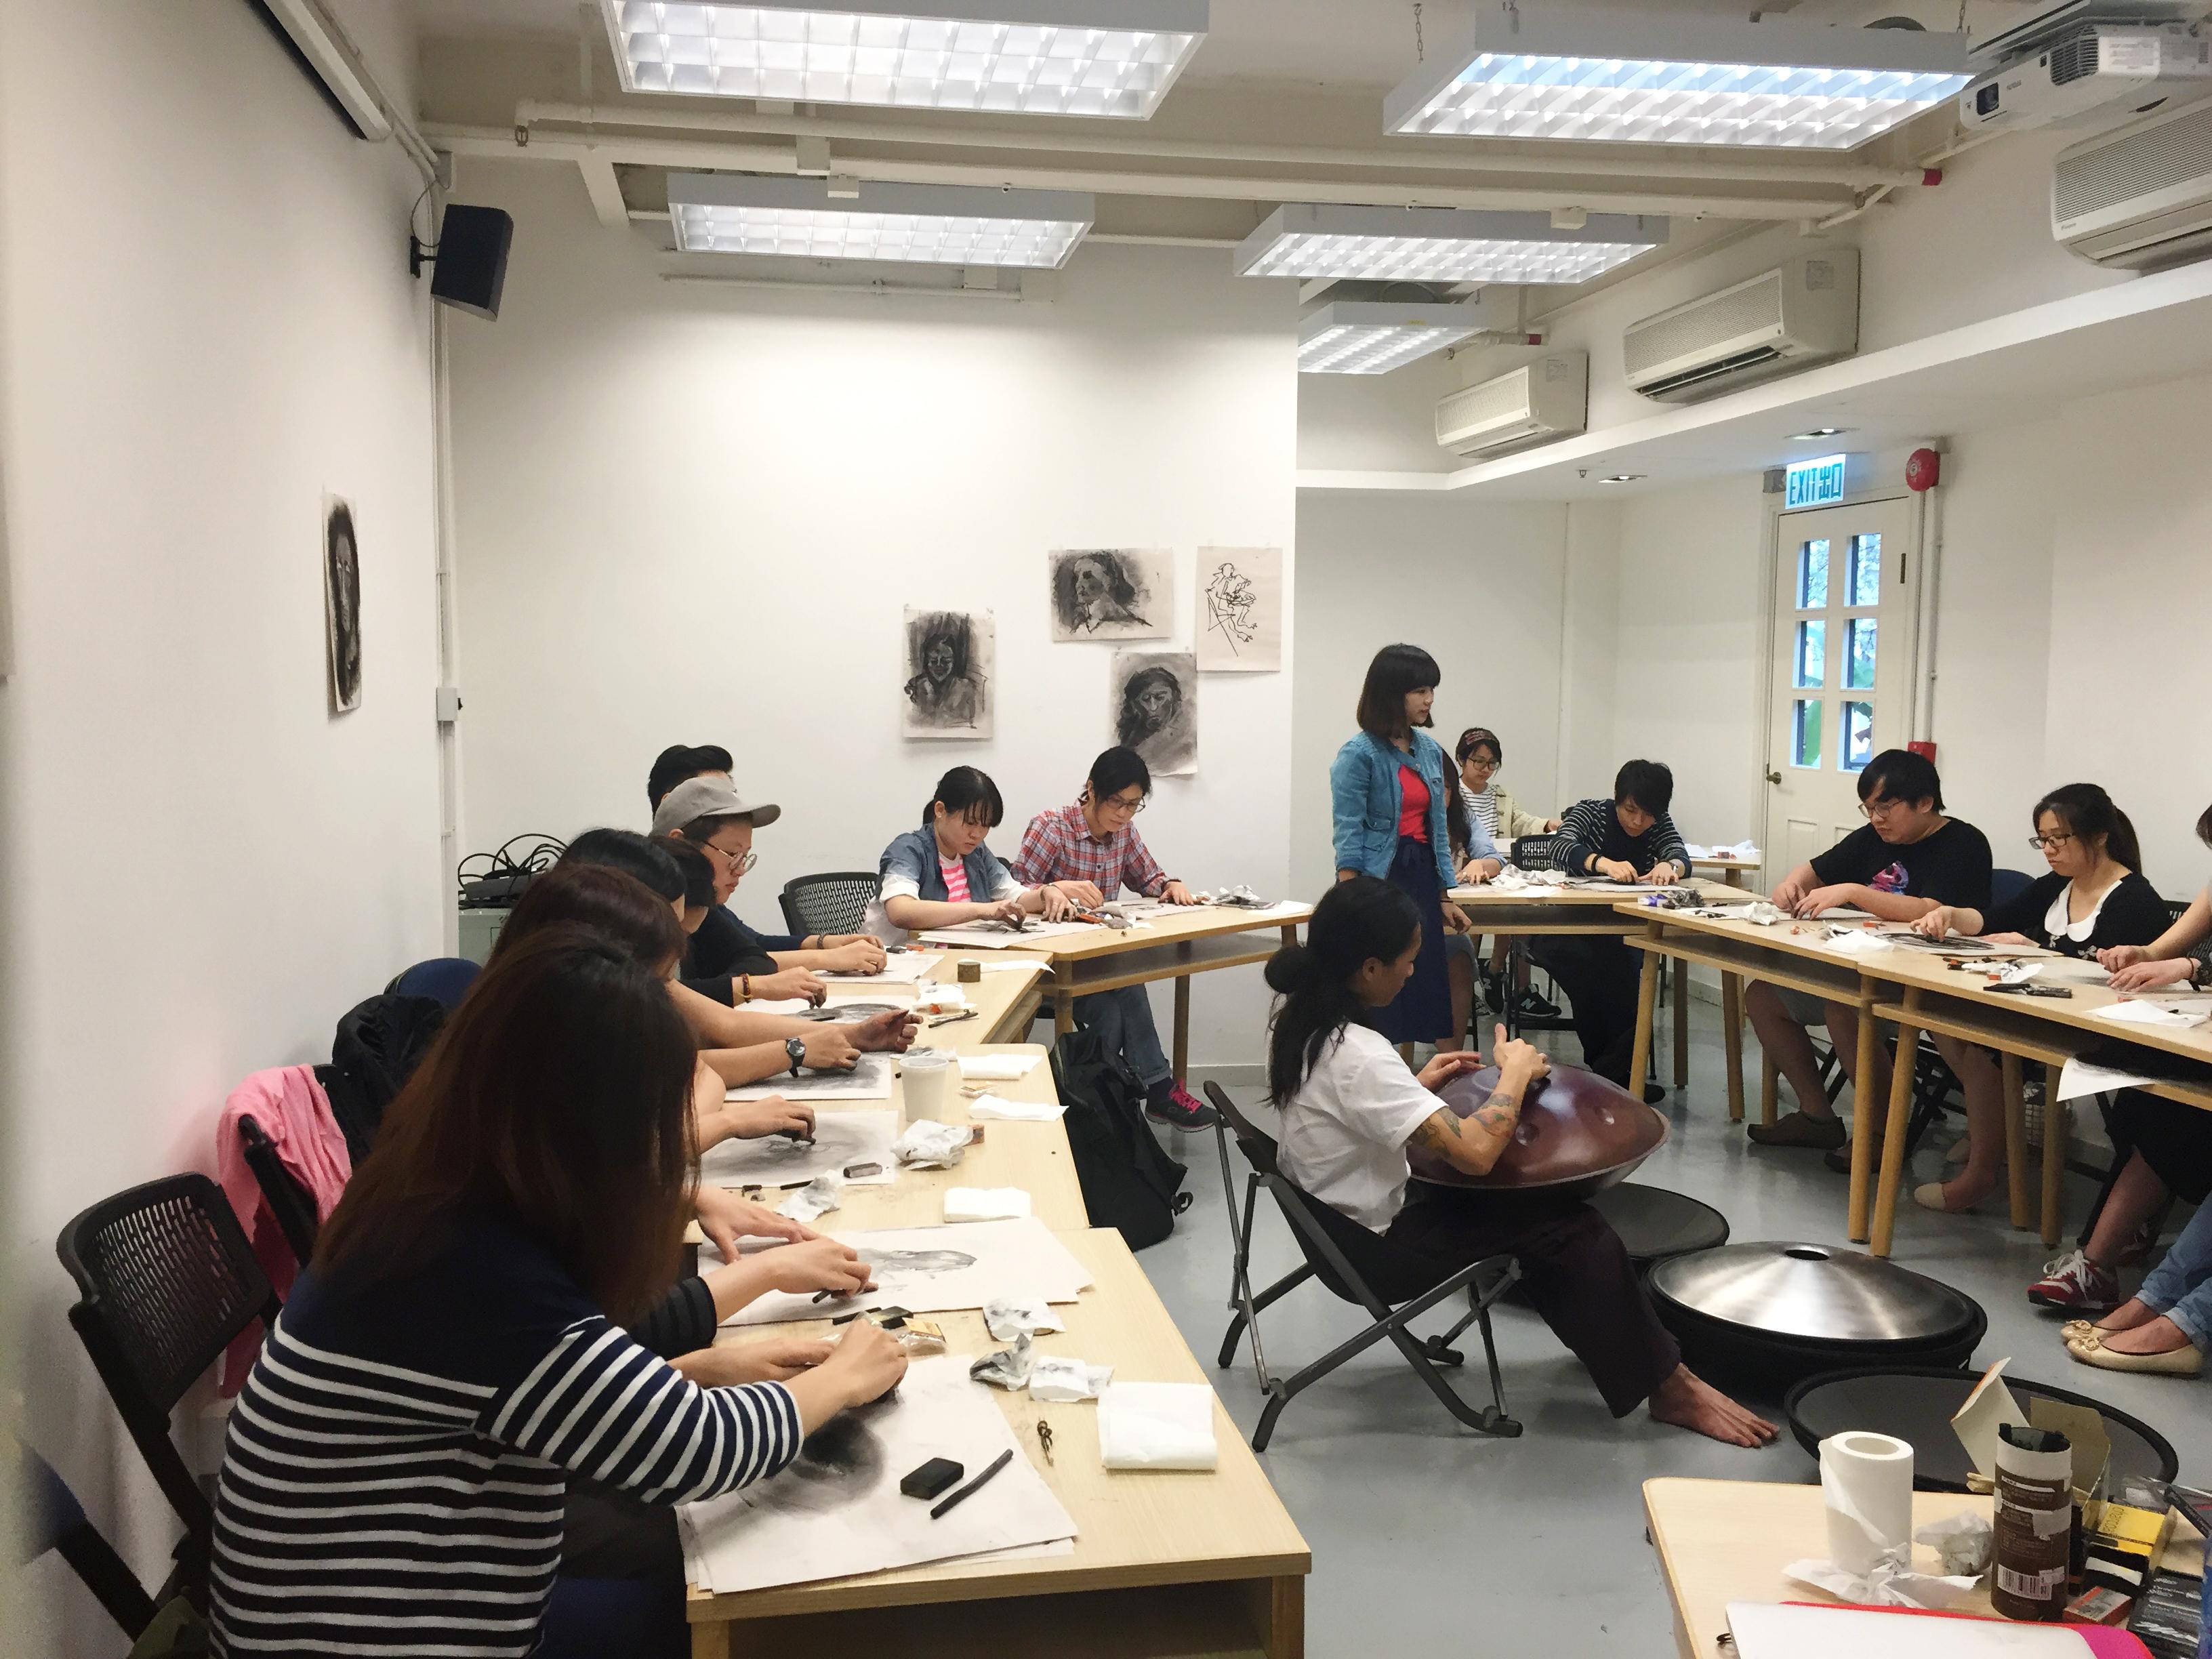 學員正摸索如何運用碳筆、石墨等媒介